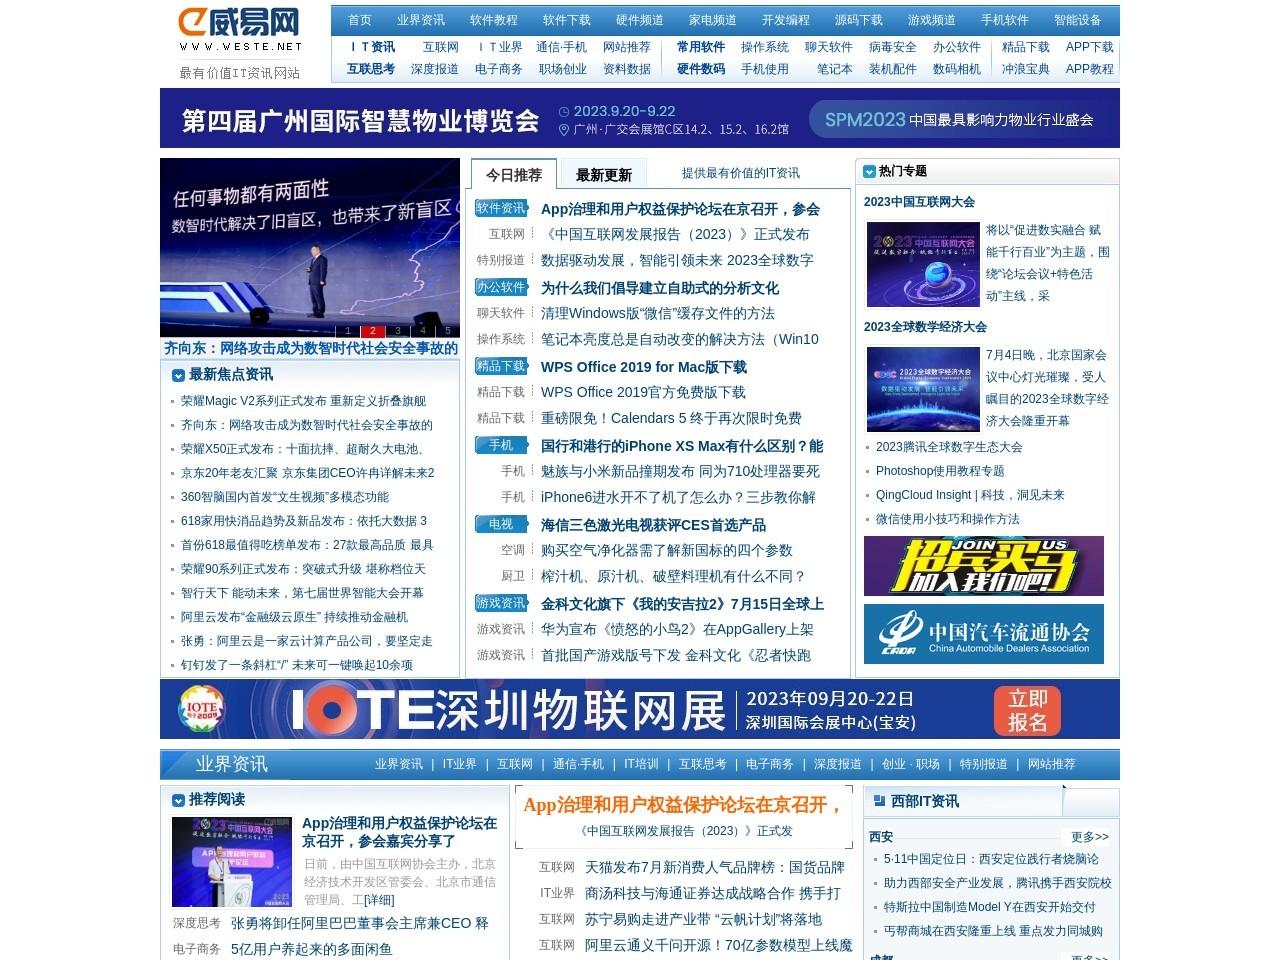 威易网_IT资讯和软件教程网